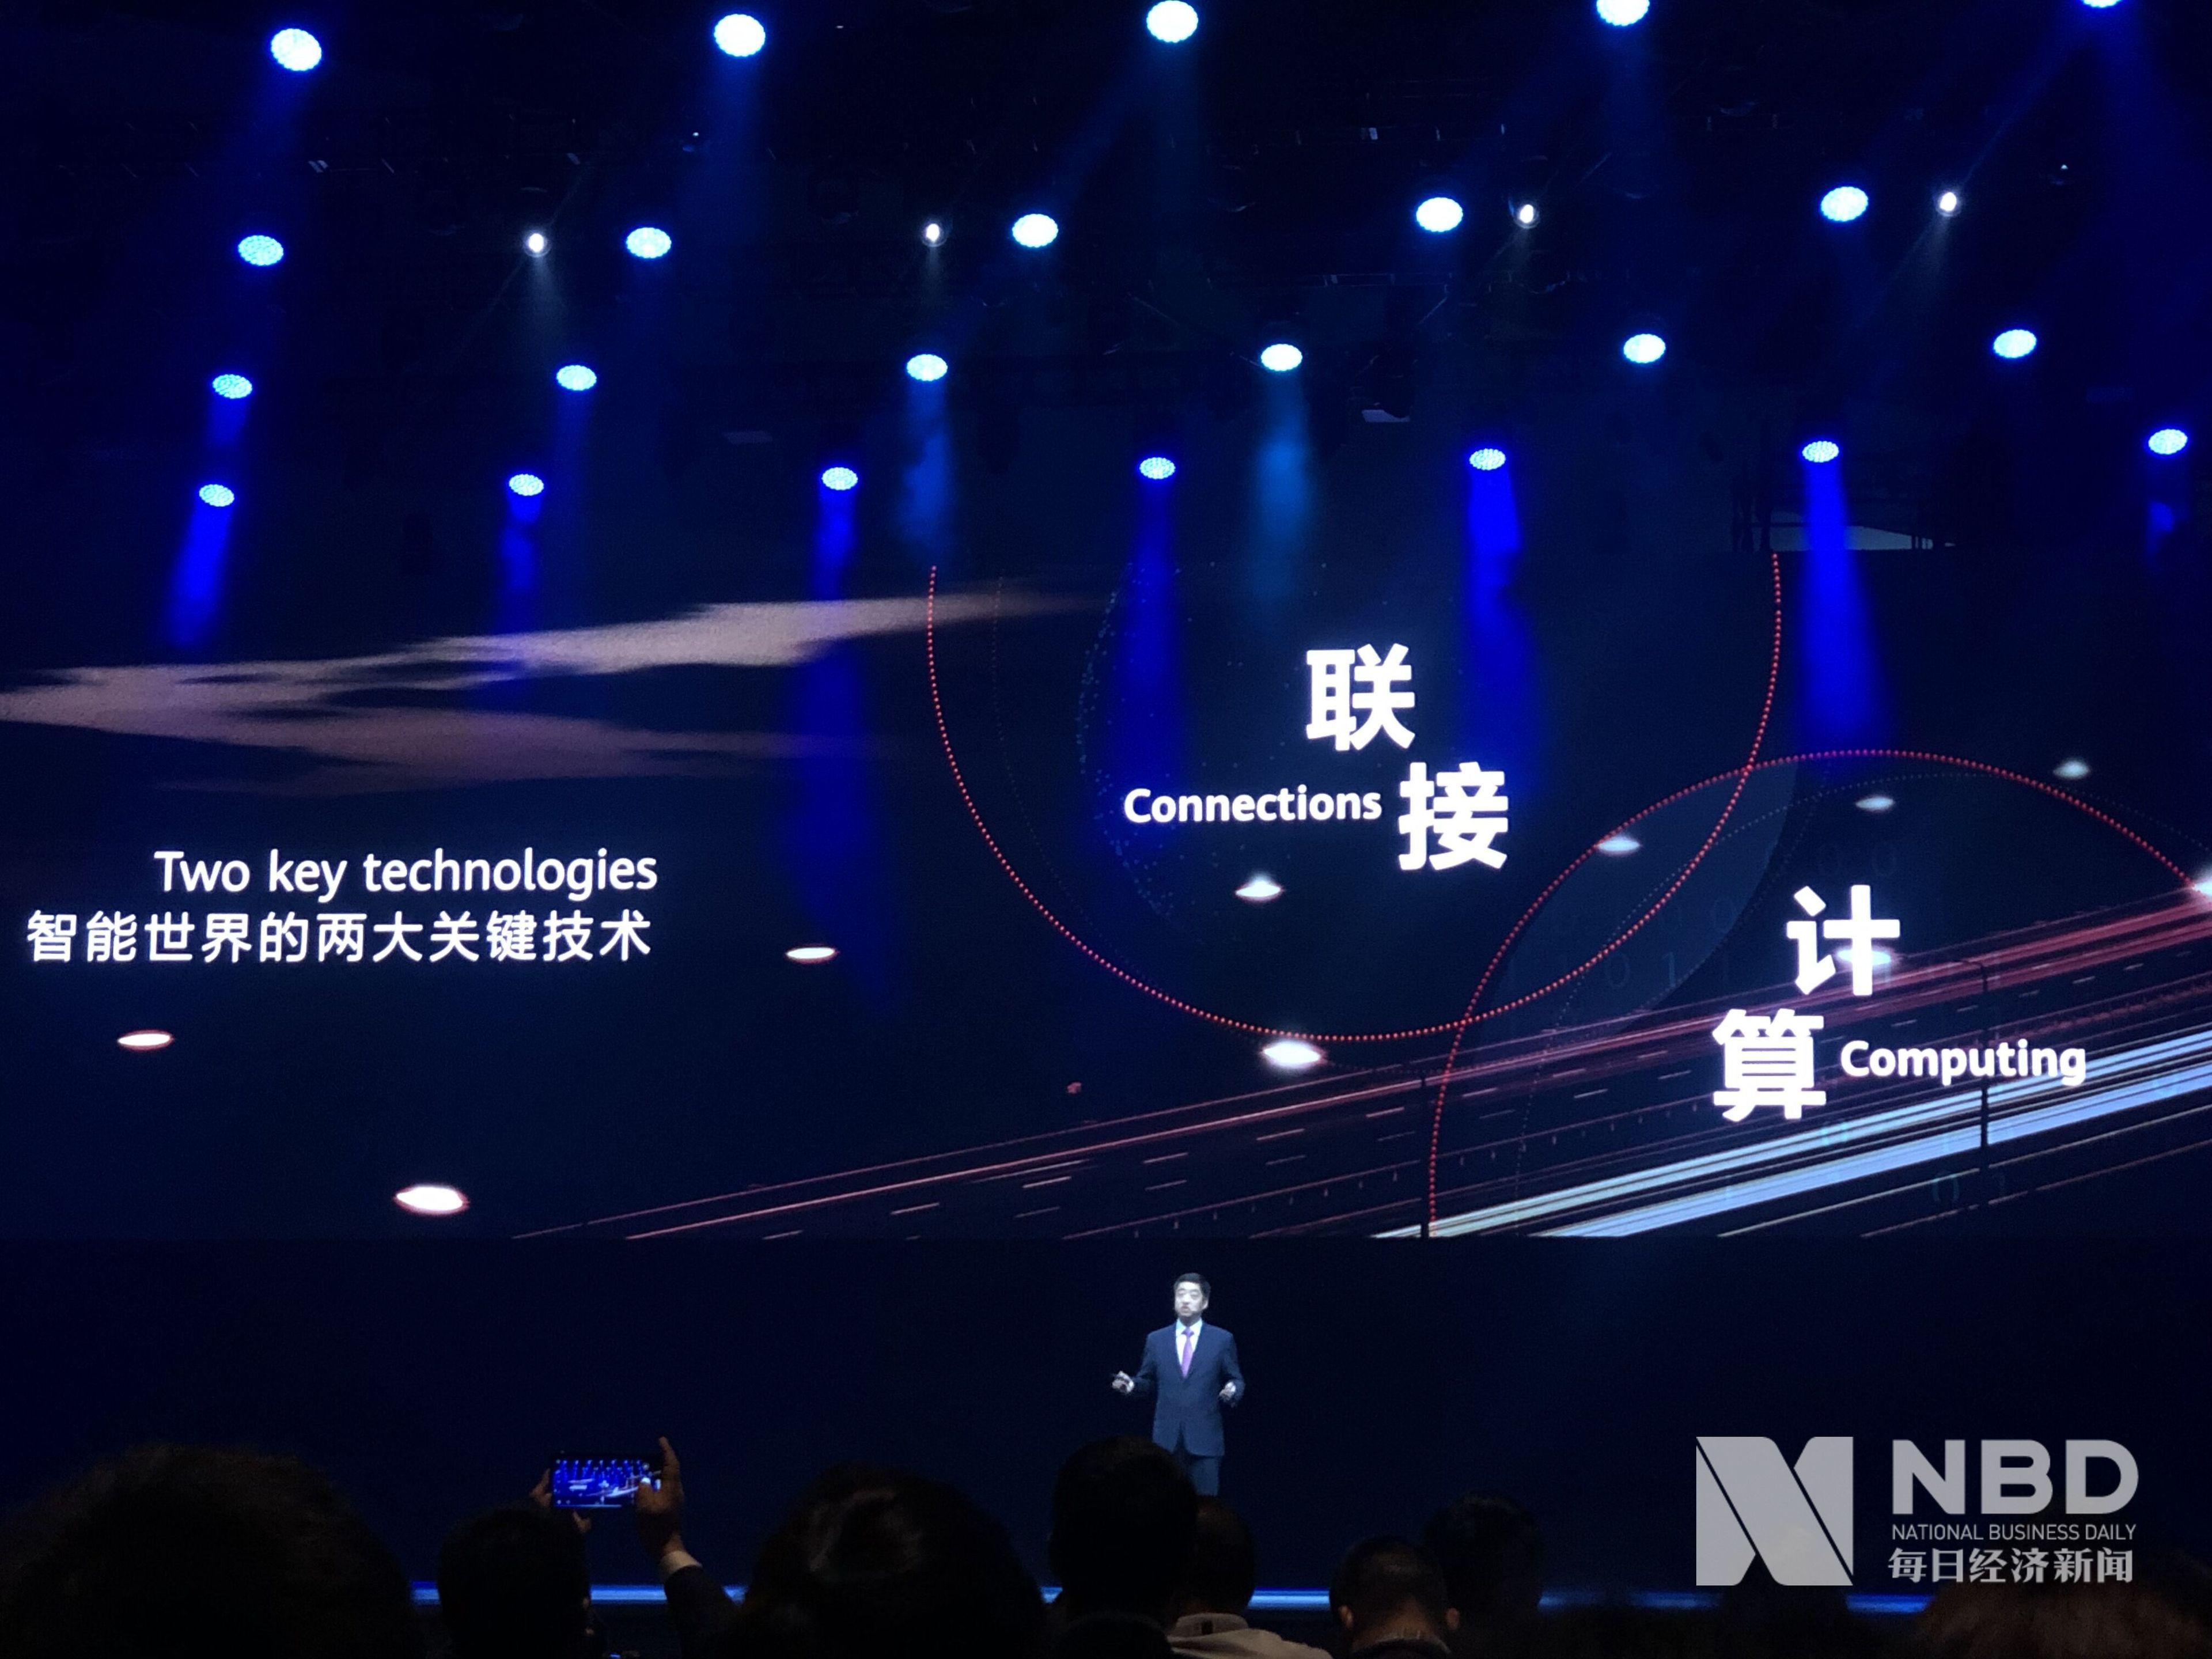 华为发布计算产业战略 角逐2万亿美元新蓝海